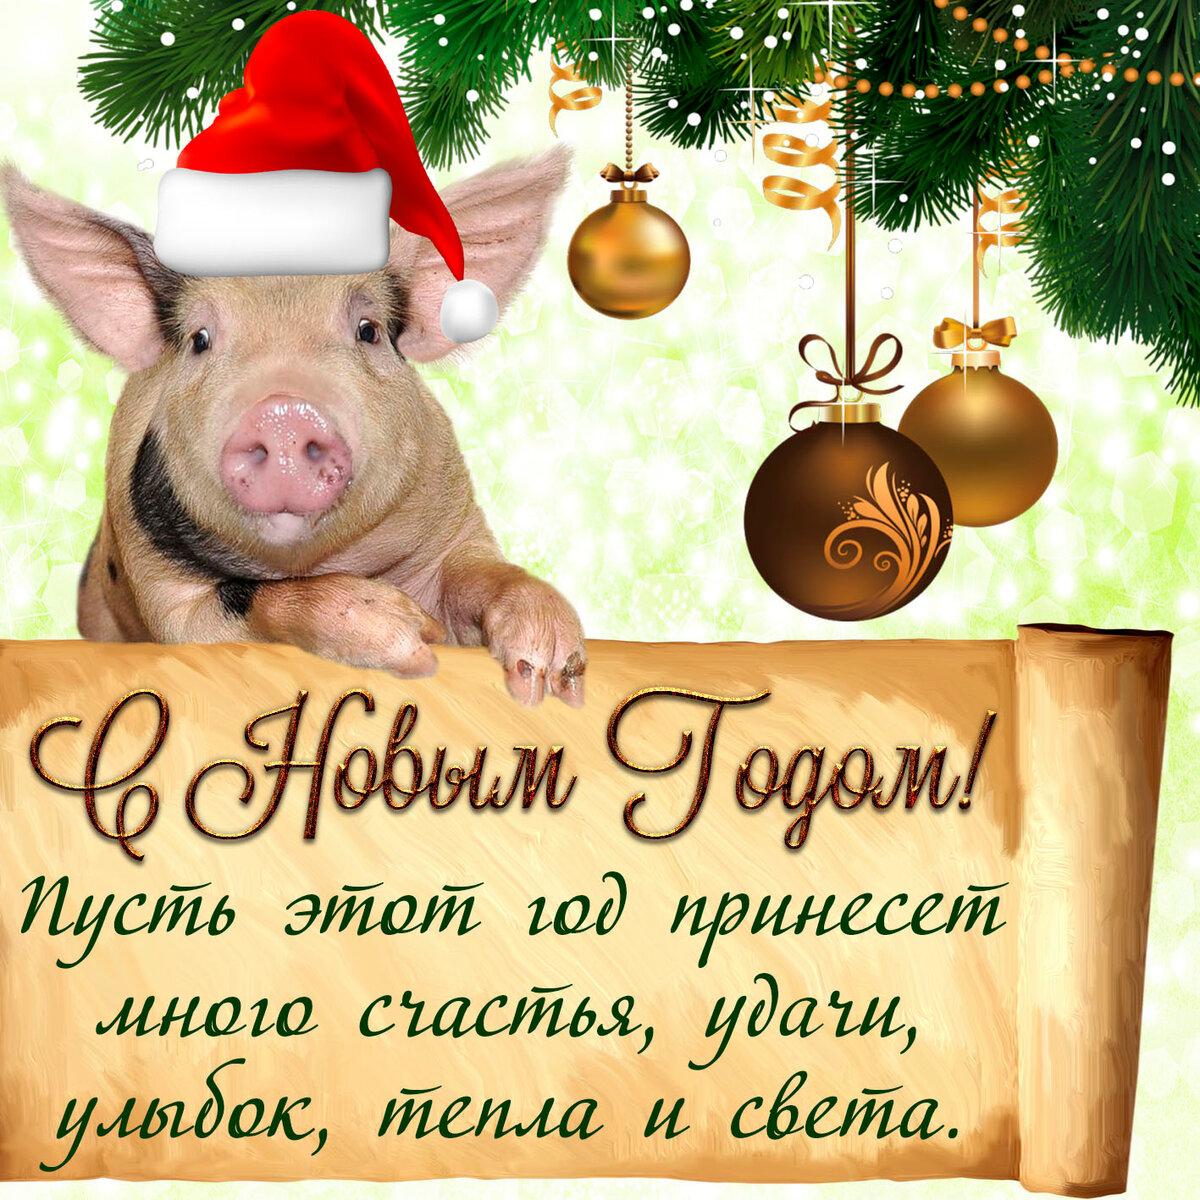 Картинки с пожеланиями к новому году 2019 свиньи прикольные, снег